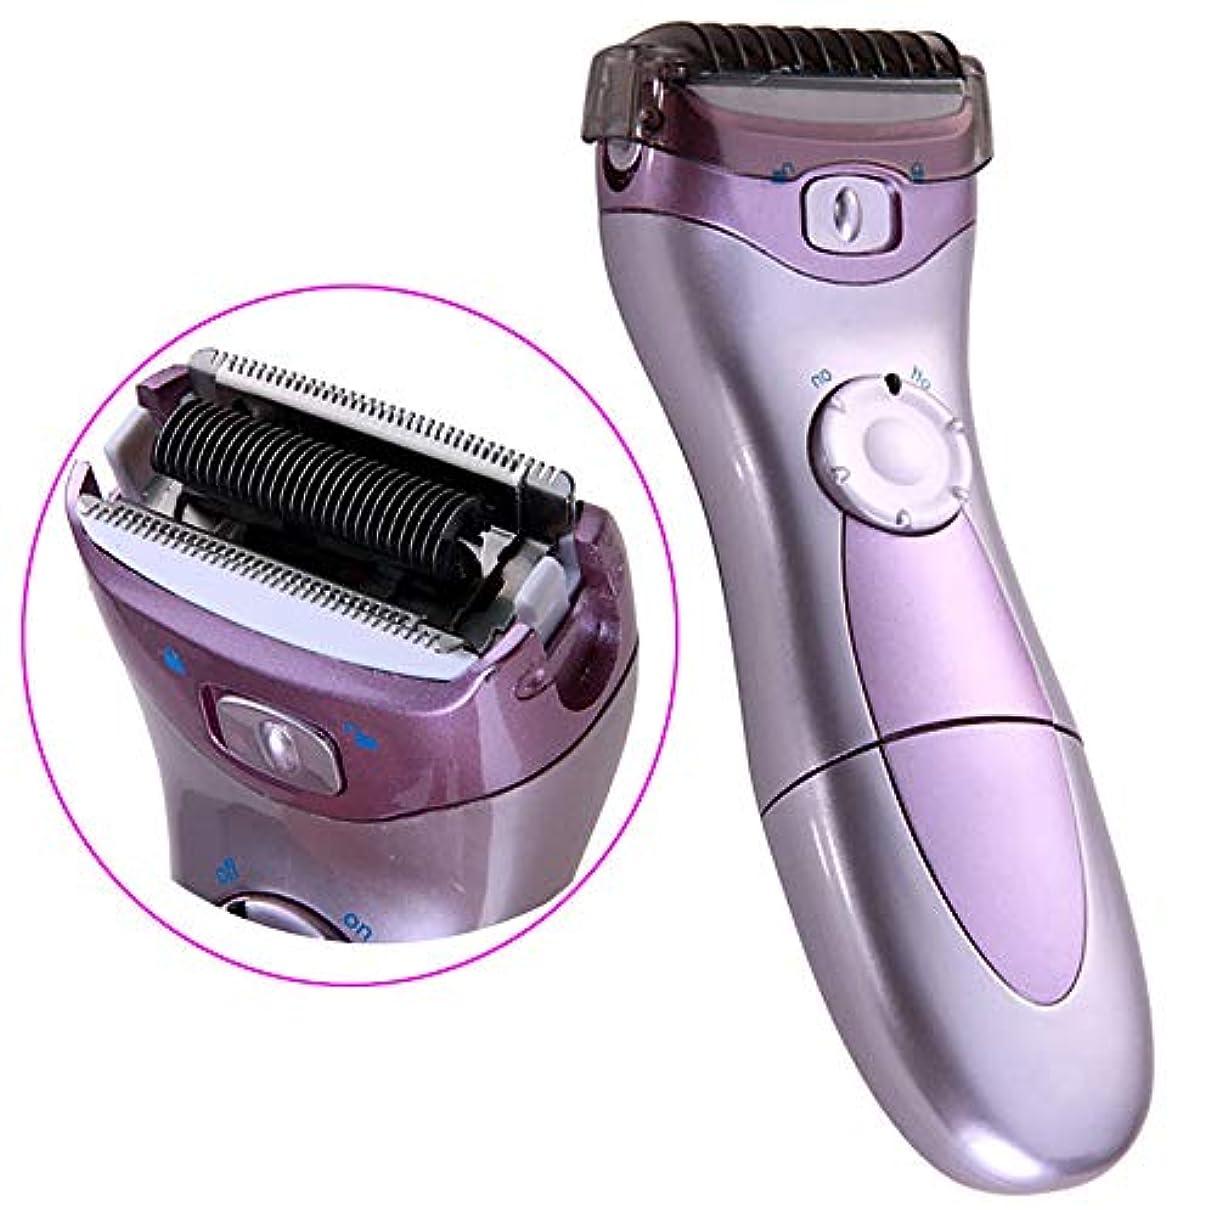 古代頻繁に差し引く電動脱毛器、バッテリーフッター、ボディウォッシュレディシェーバー、乾電池式スクレーパー、ポータブル小型洗えるスキンプロテクター、保護器具